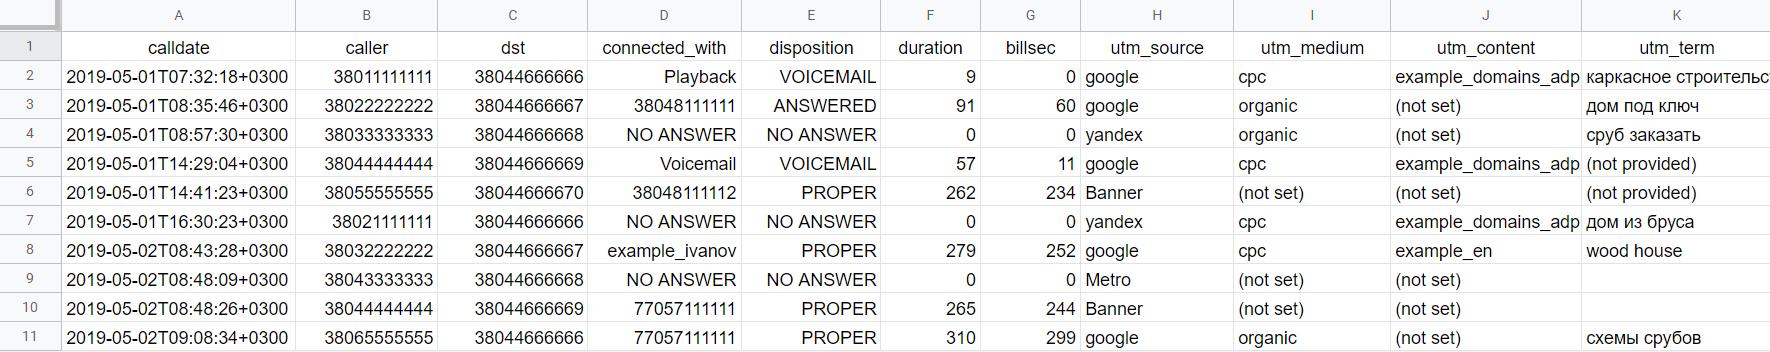 Результат выгрузки данных из журнала звонков в Google Таблицы